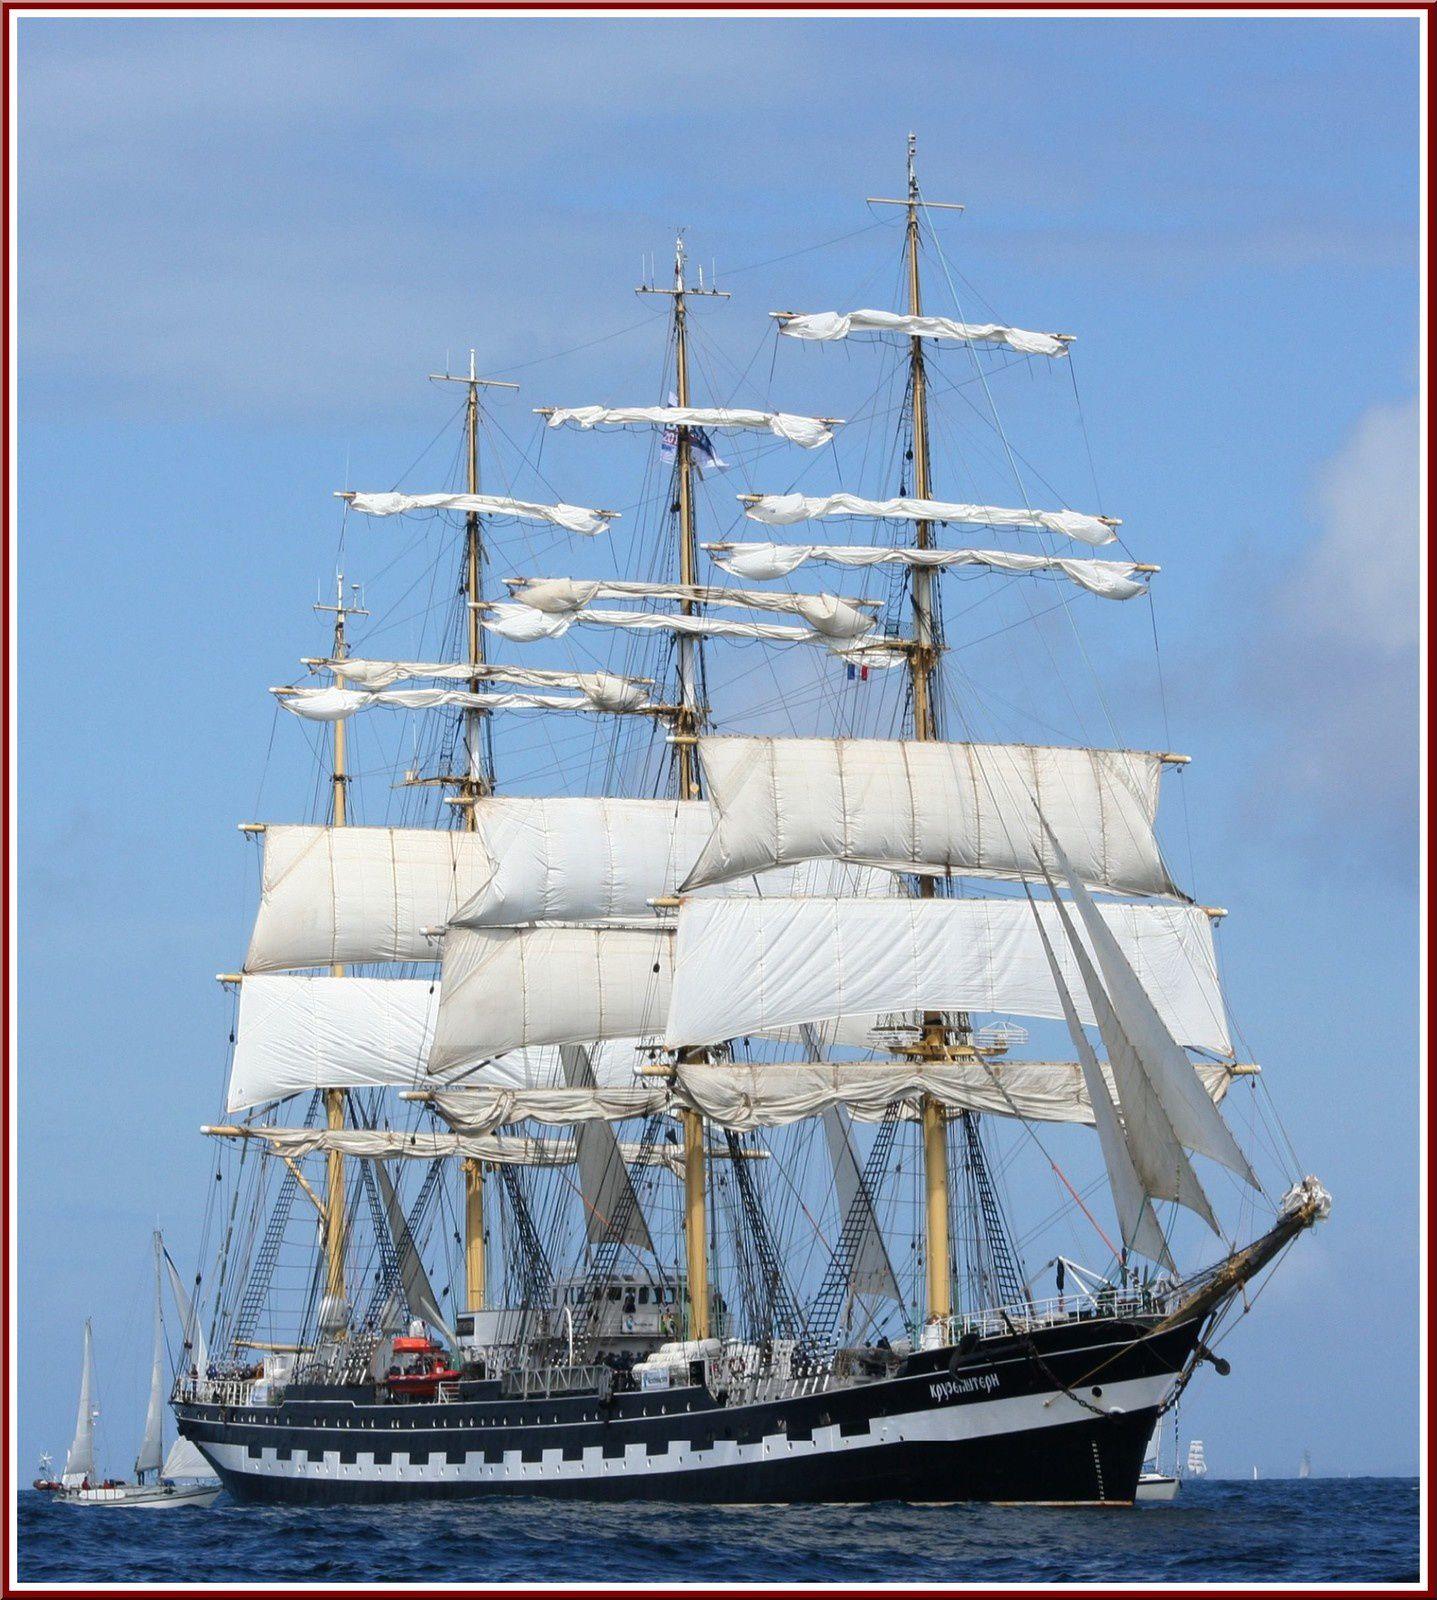 Rassemblement des voiliers traditionnels tous les deux ans... Temps Fête Douarnenez 2012...